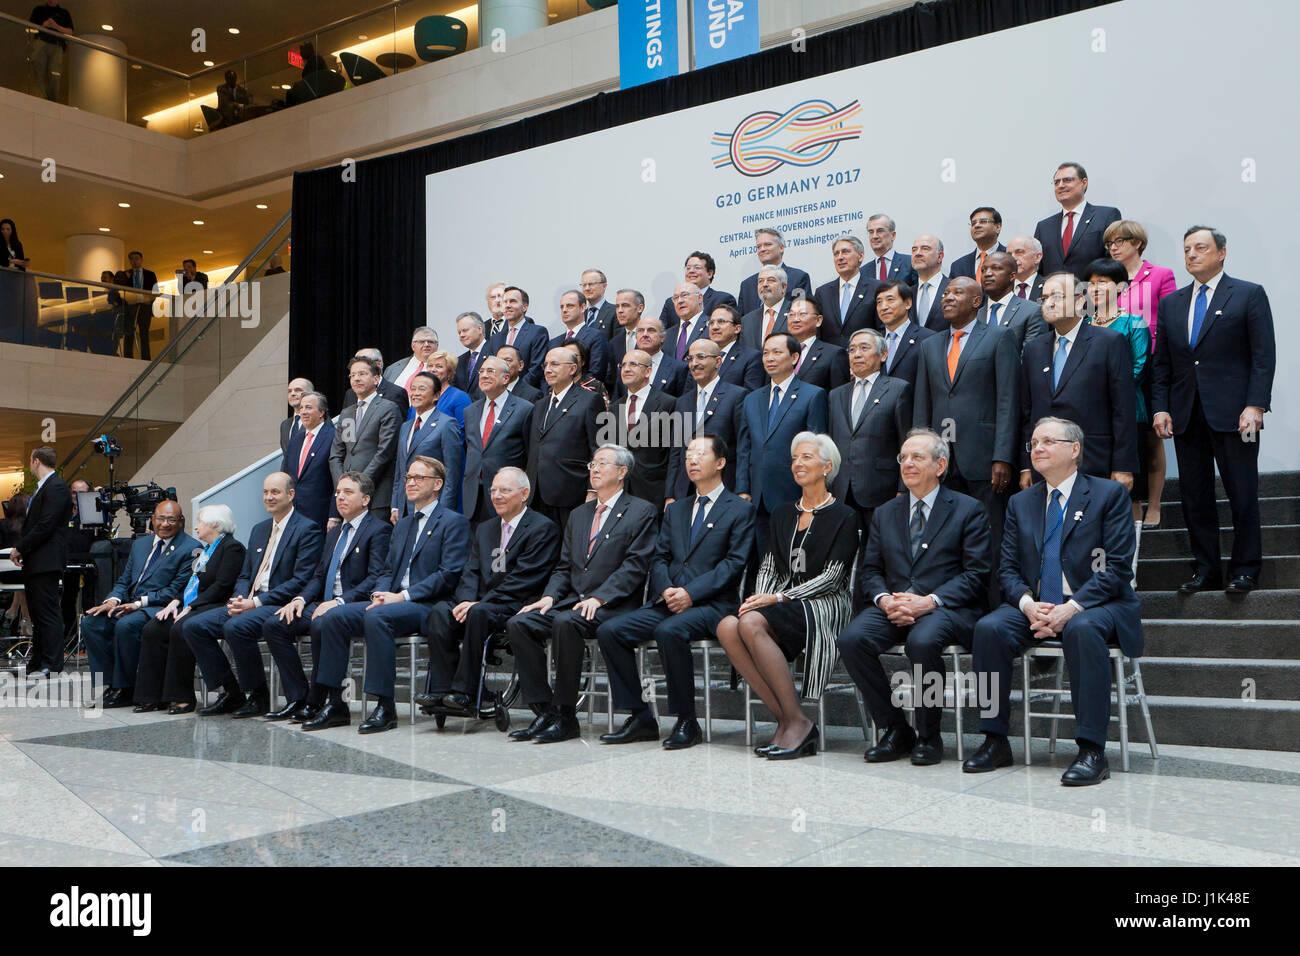 Washington, EEUU, 21 de abril de 2017: G20 Los Ministros de Finanzas y Gobernadores de los bancos centrales posar Imagen De Stock